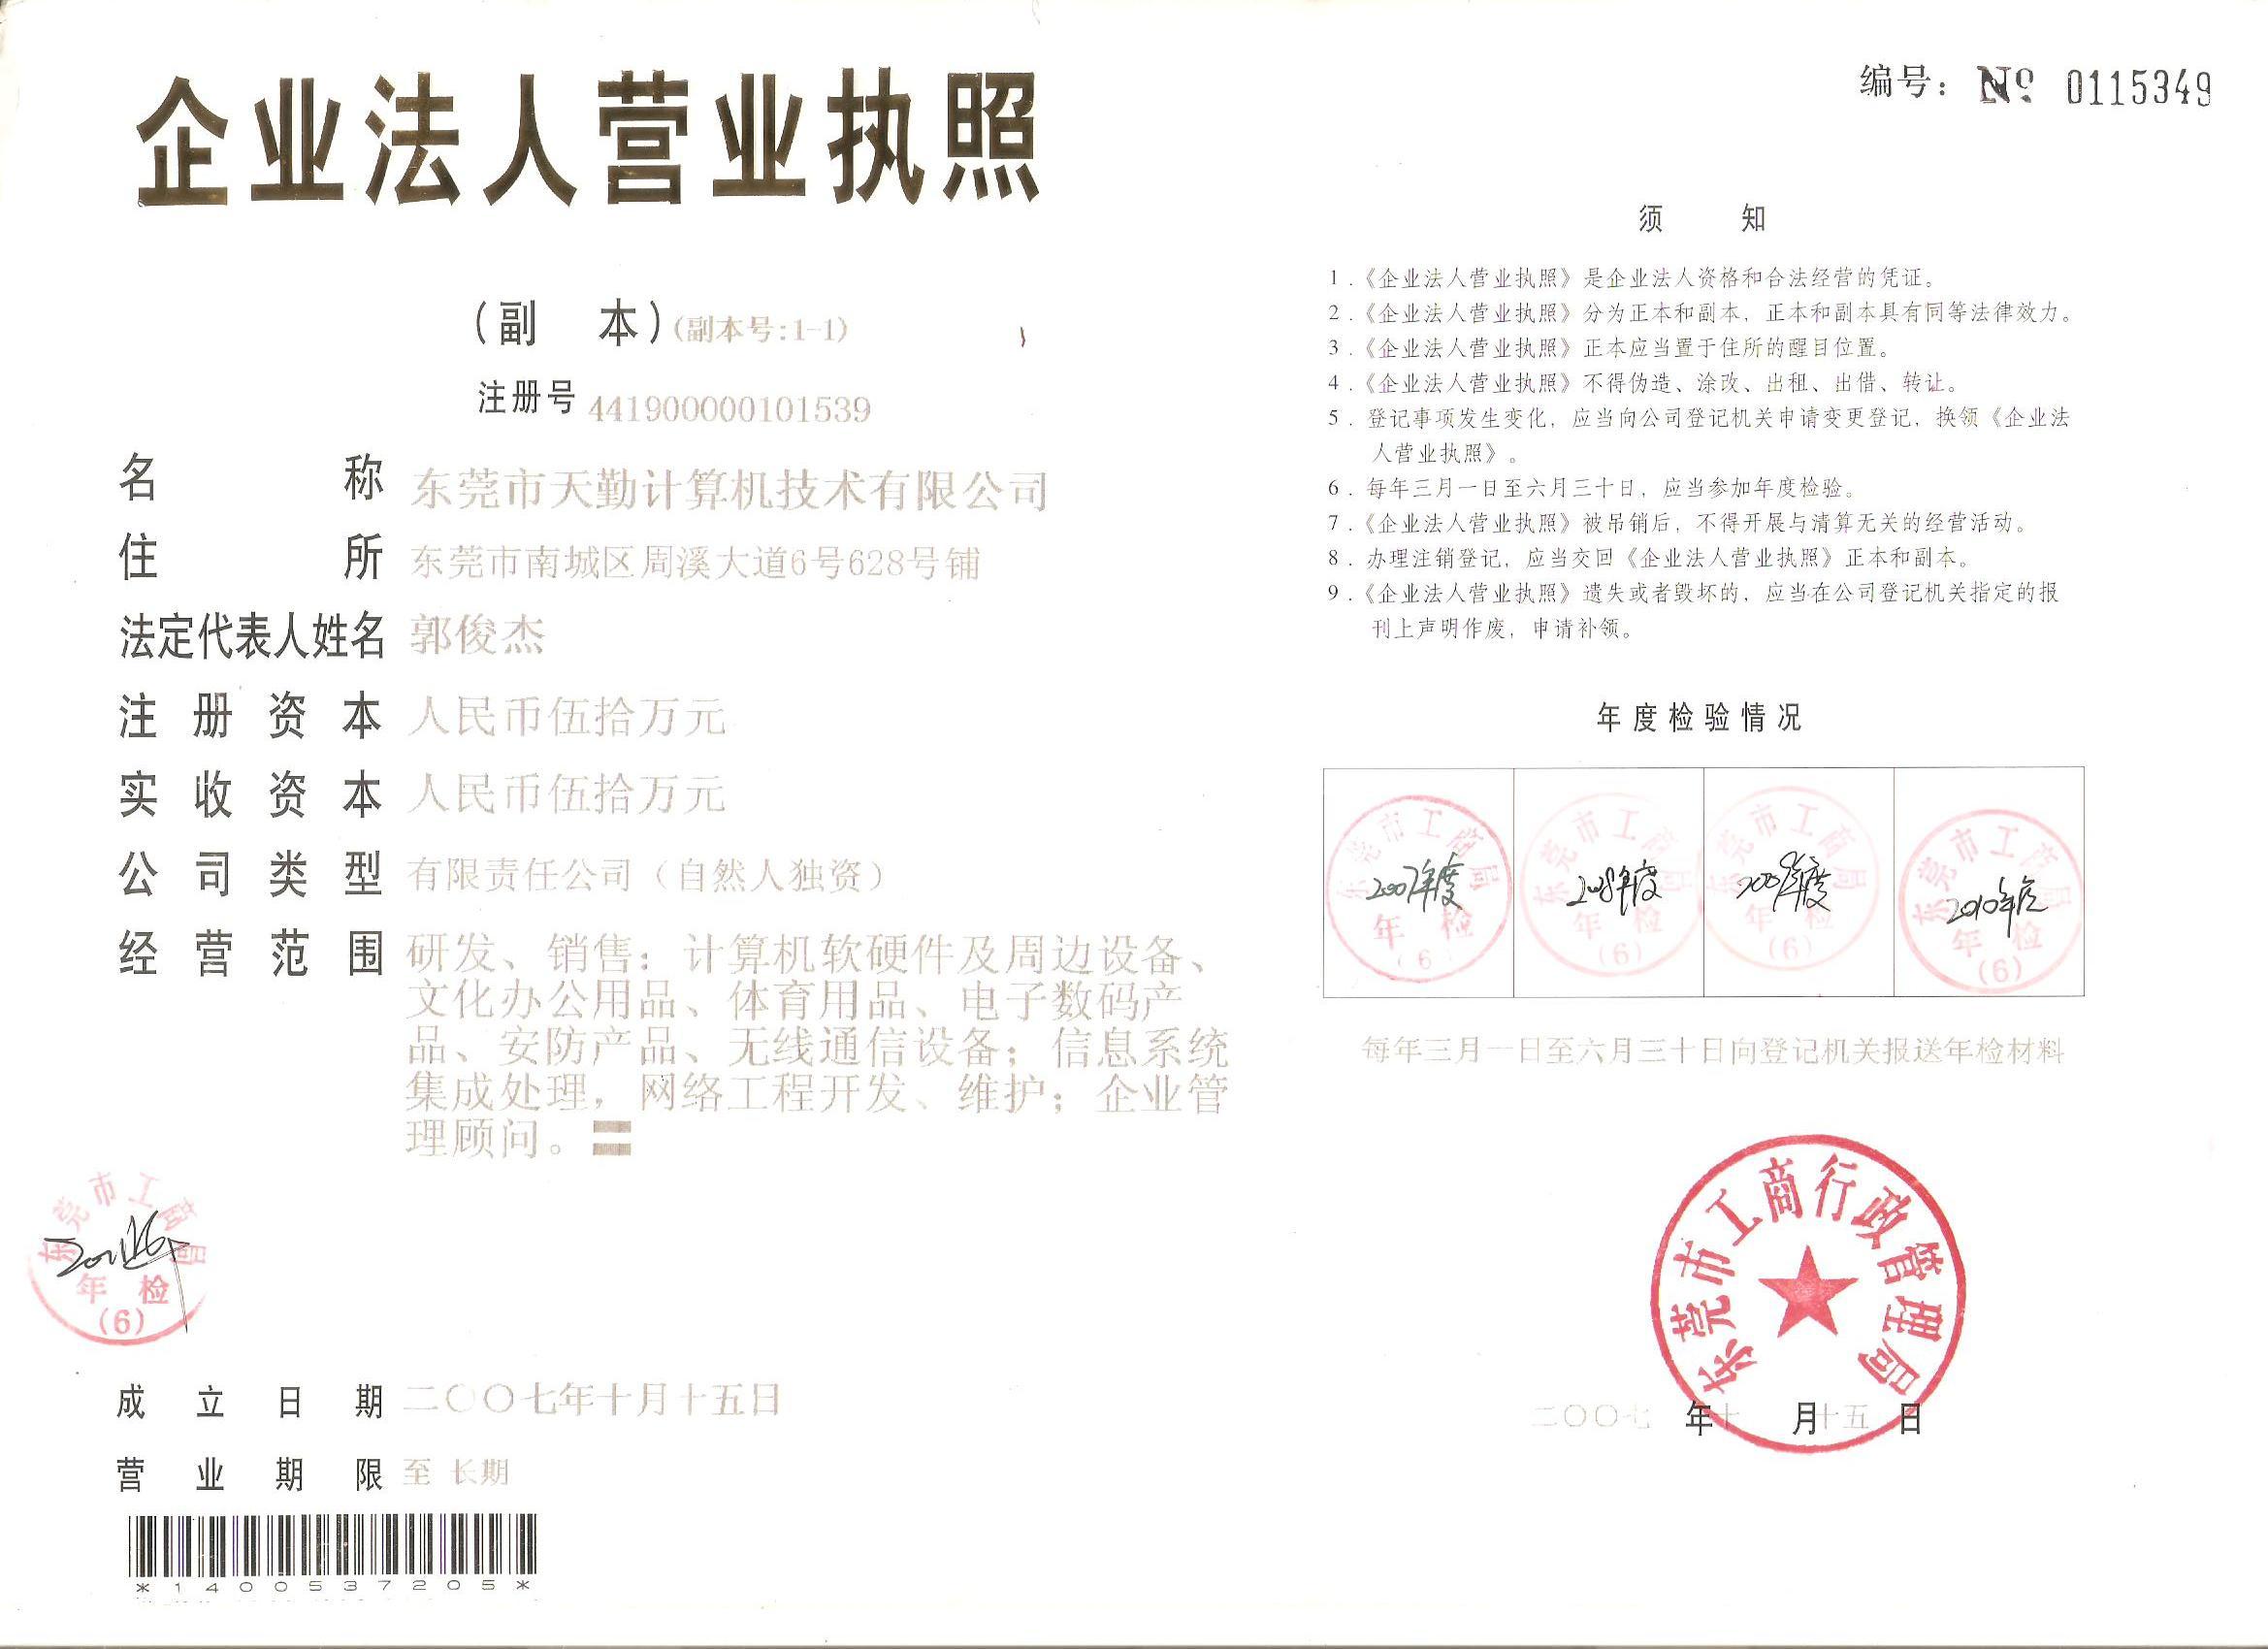 公司注册证件